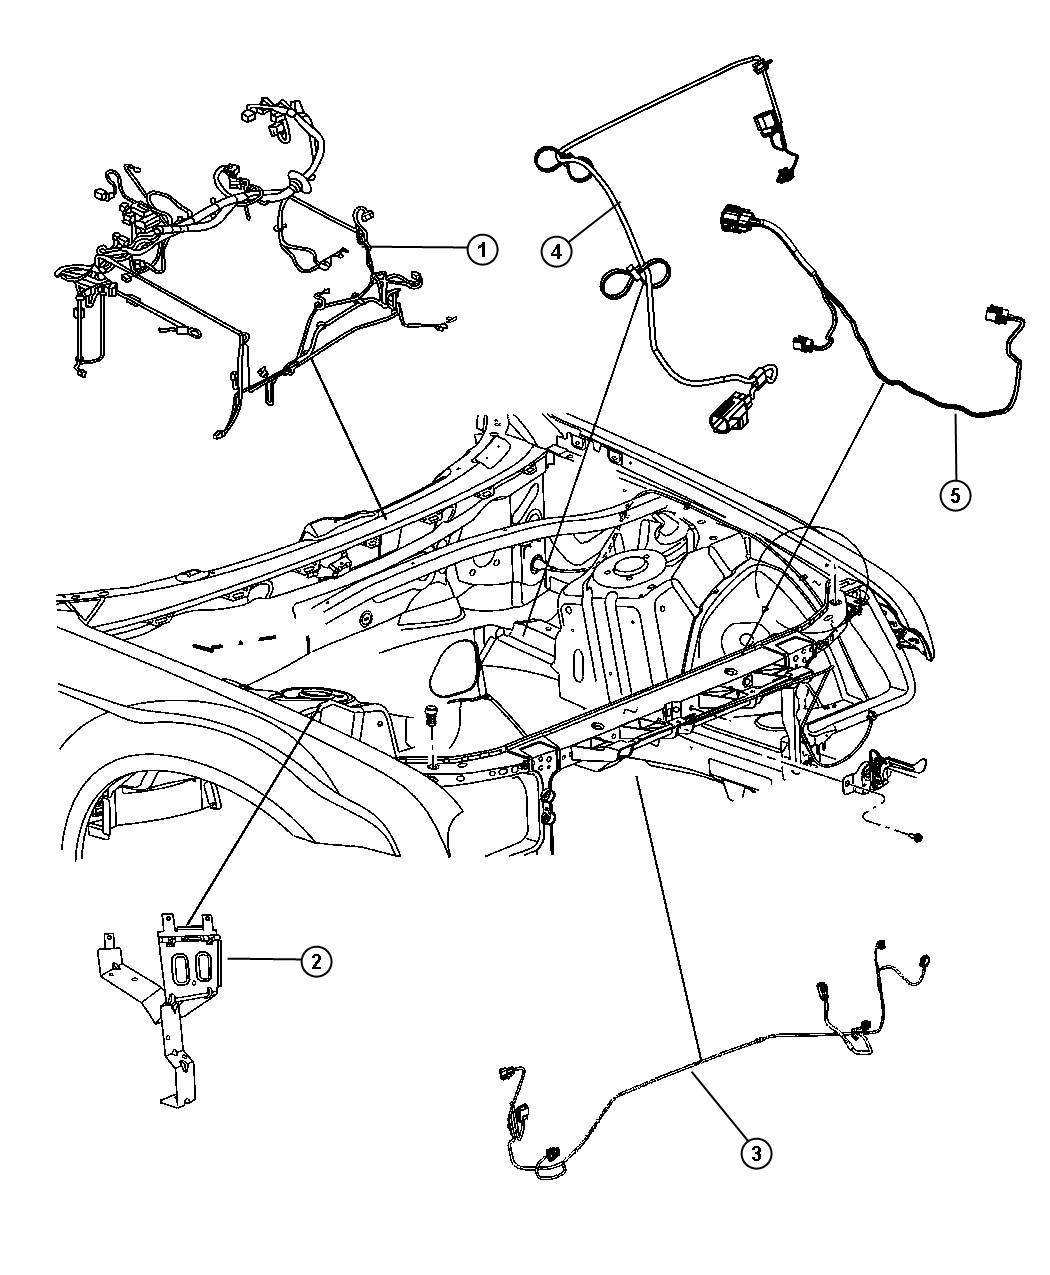 2016 chrysler 300 wiring diagram